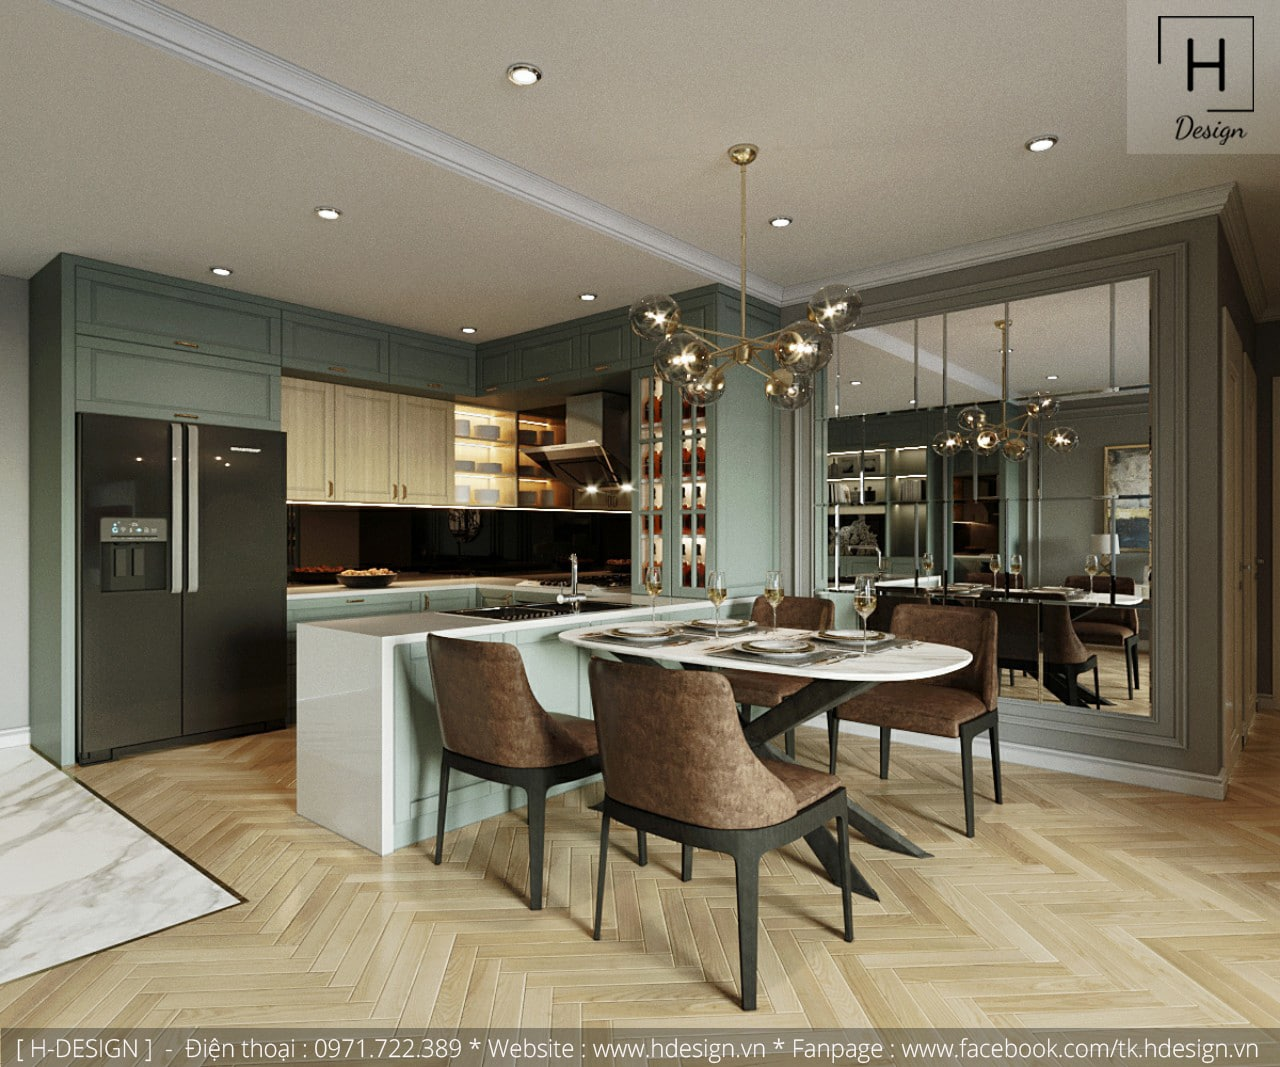 Thiết kế thi công nội thất chung cư Kosmo tại Hà Nội 4